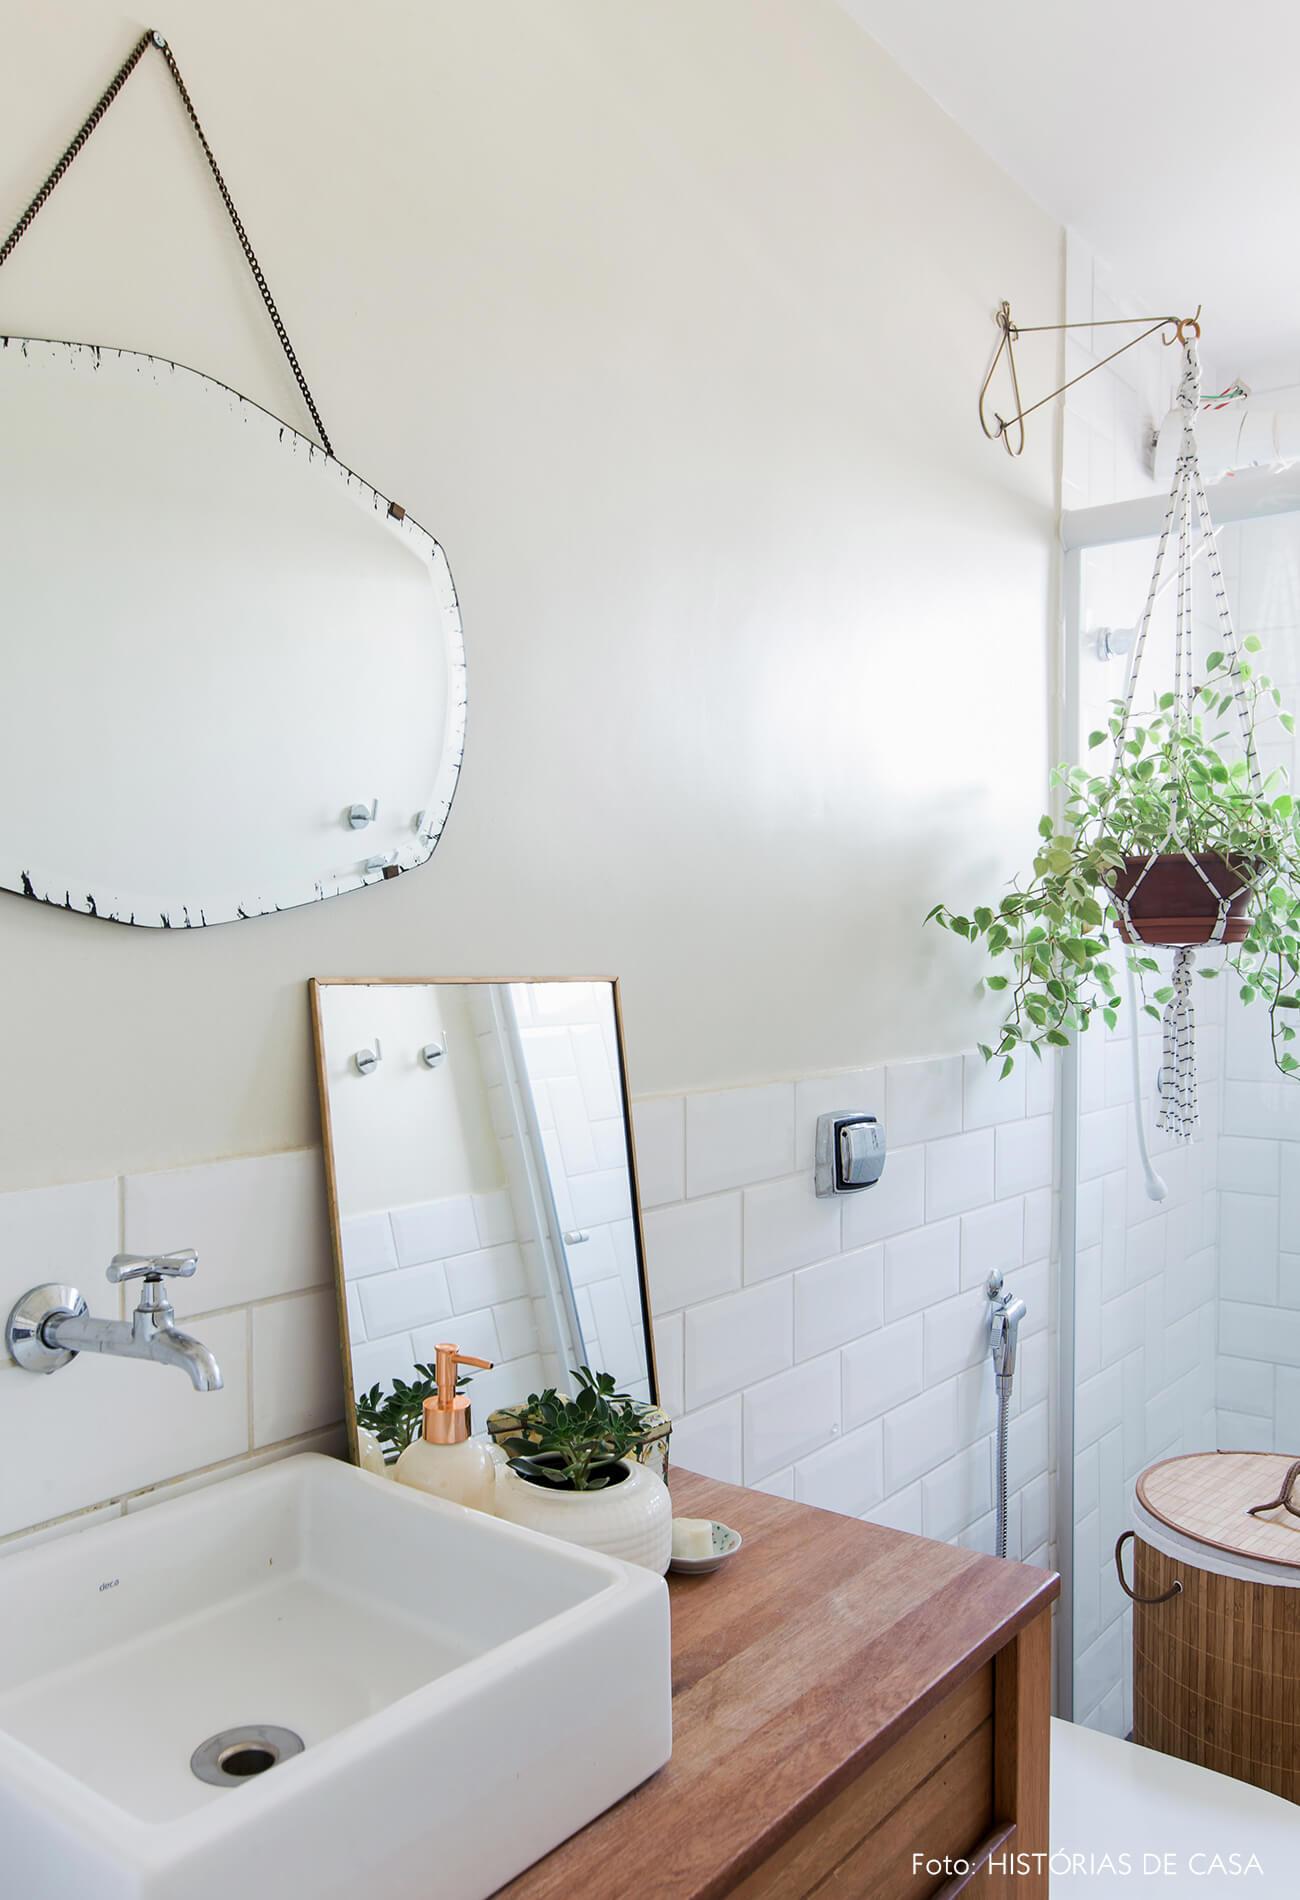 Banheiro reformado com azulejos de metrô